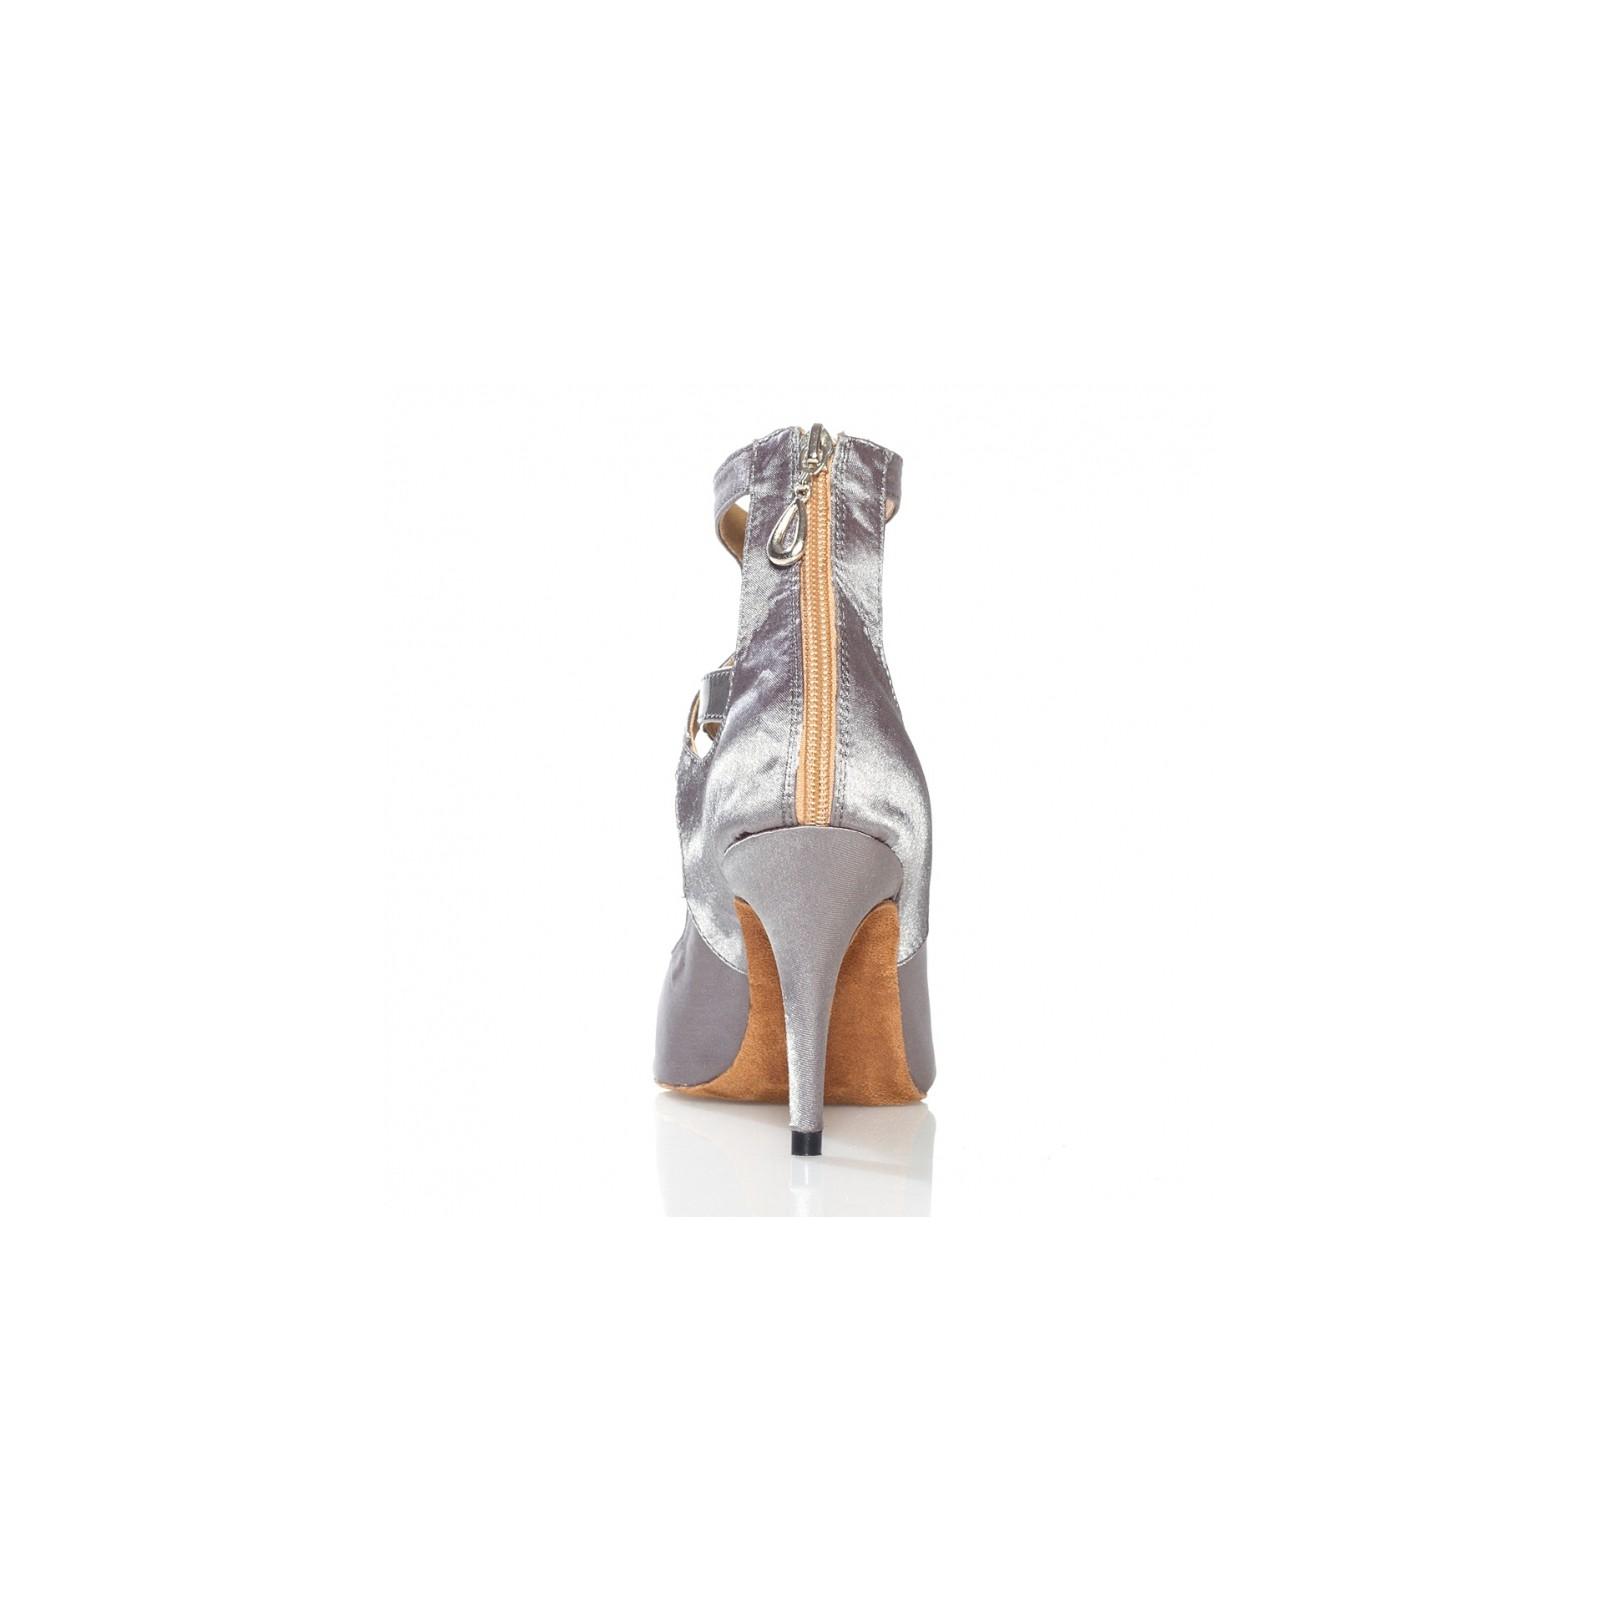 Latin De Chaussures Kizomba Danse Label Boot Argent So A5RLc3q4j